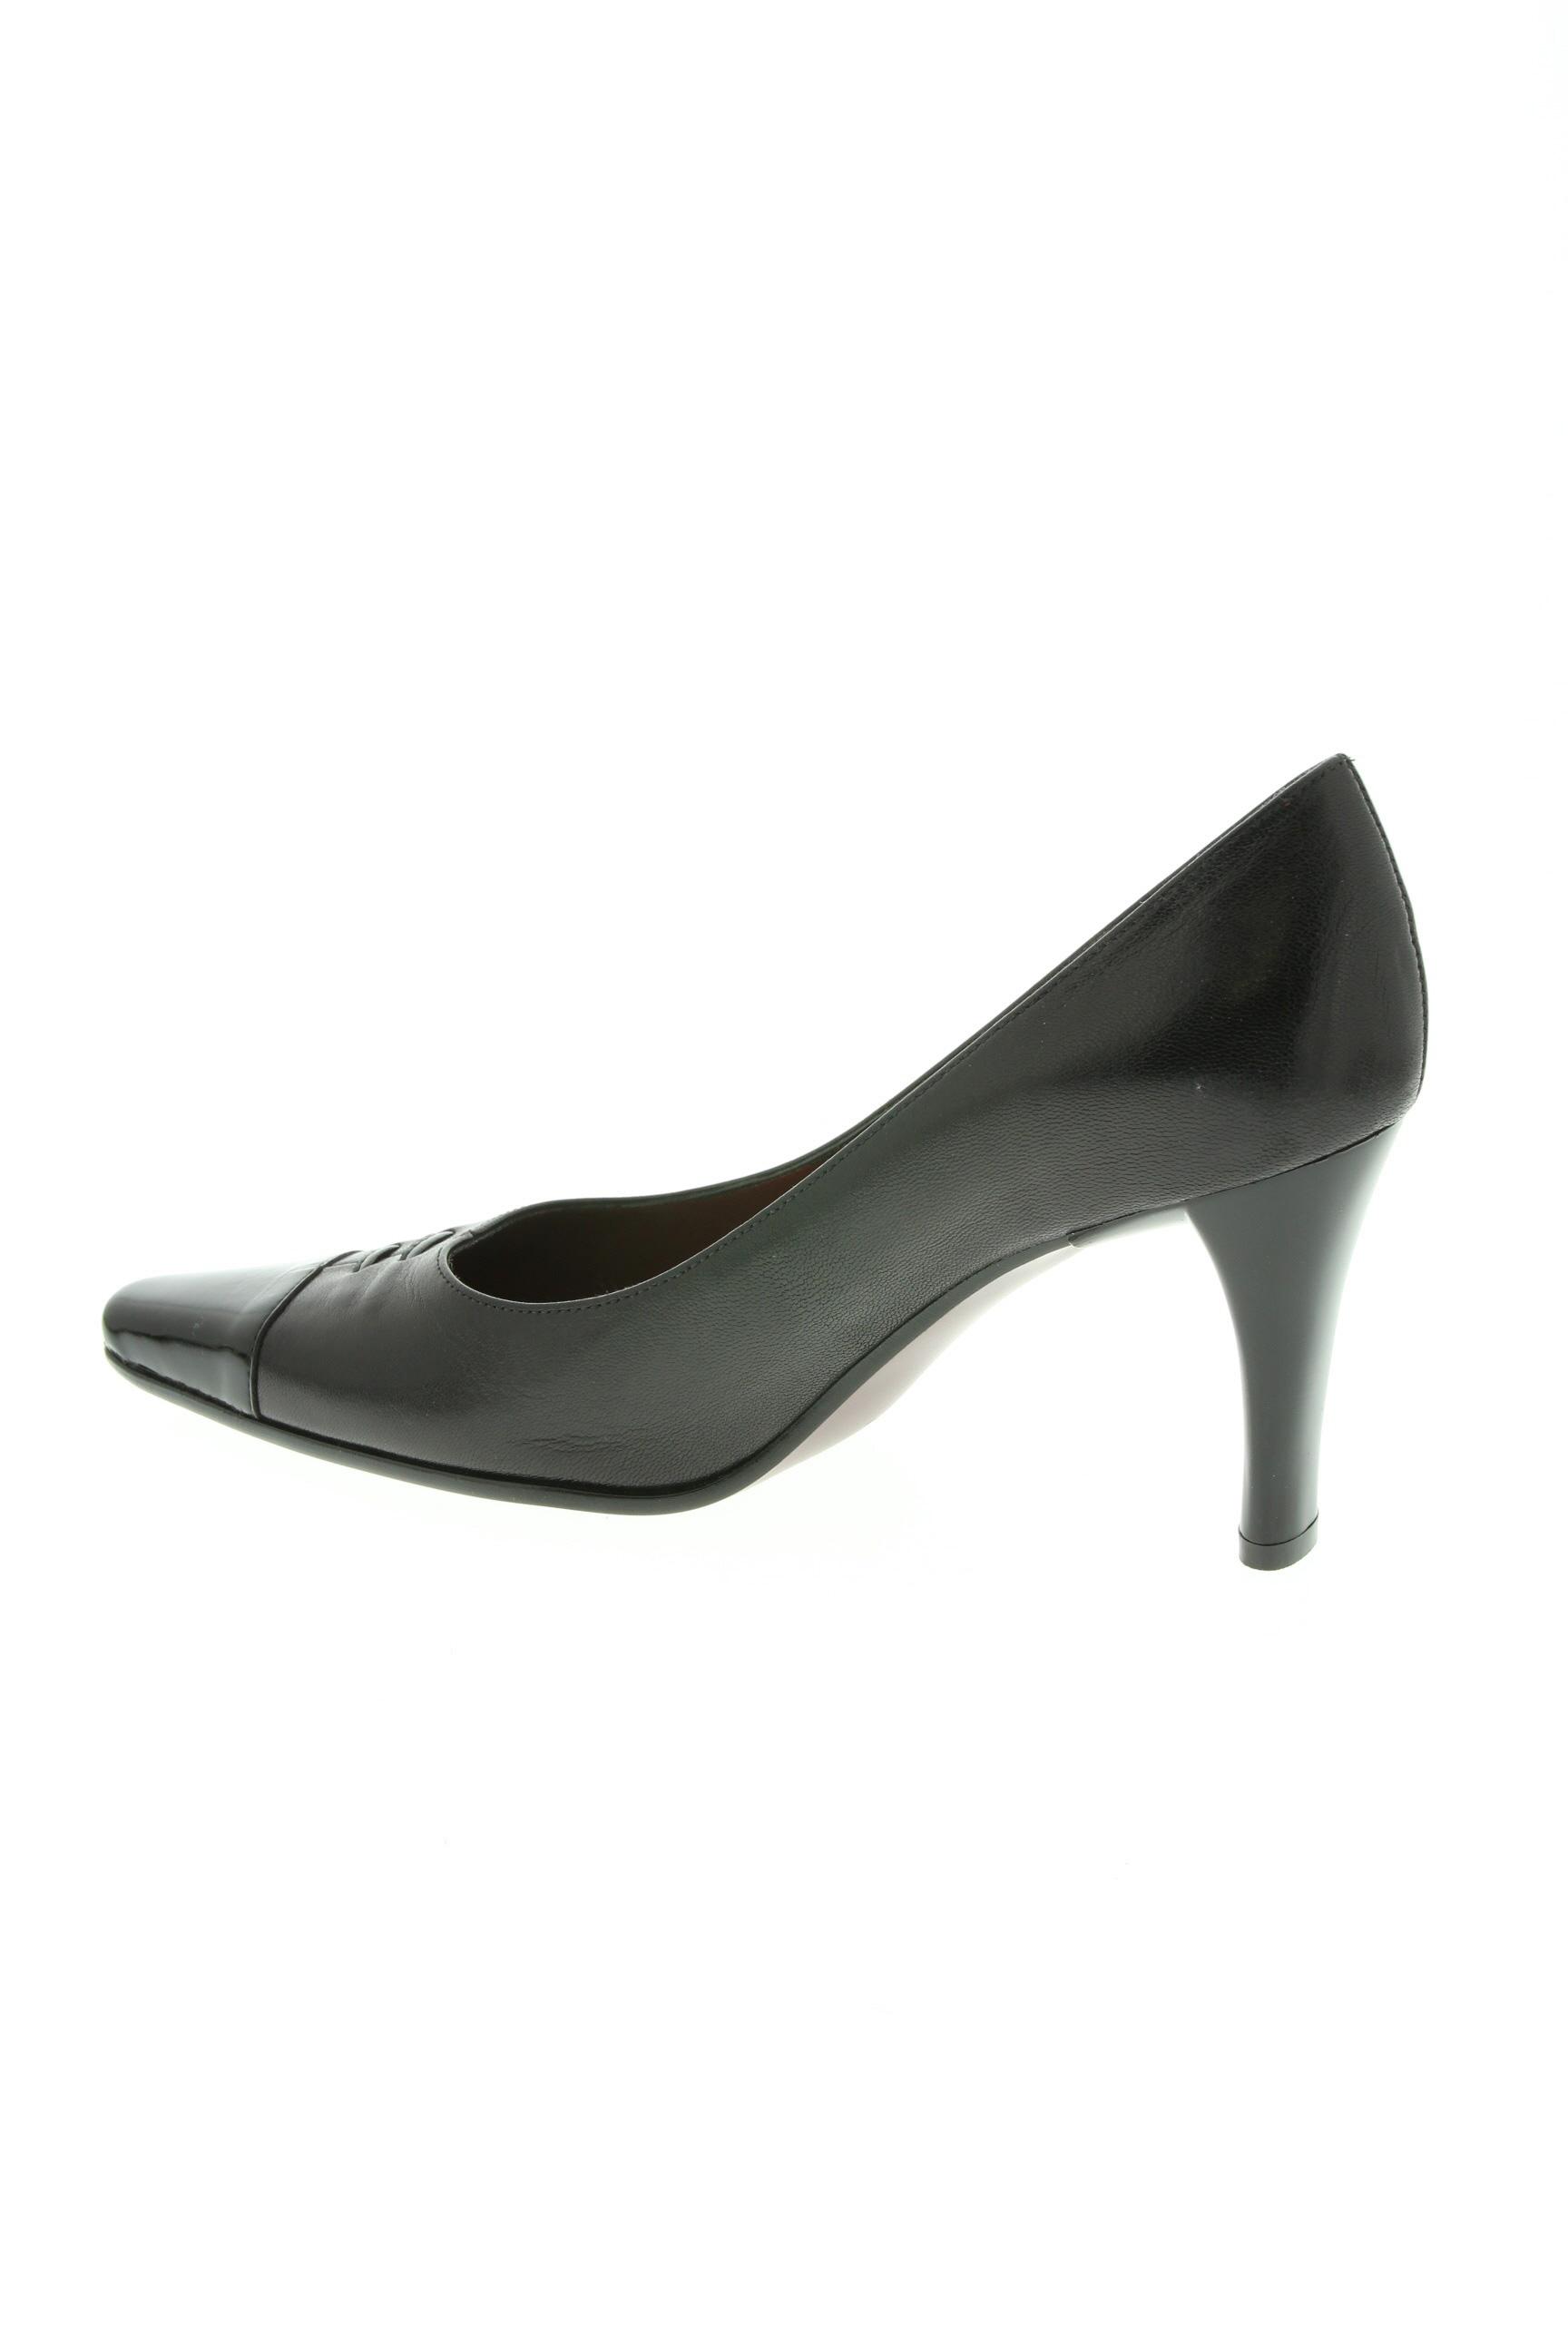 Paris Mode Escarpins Femme De Couleur Noir En Soldes Pas Cher 1335762-noir00